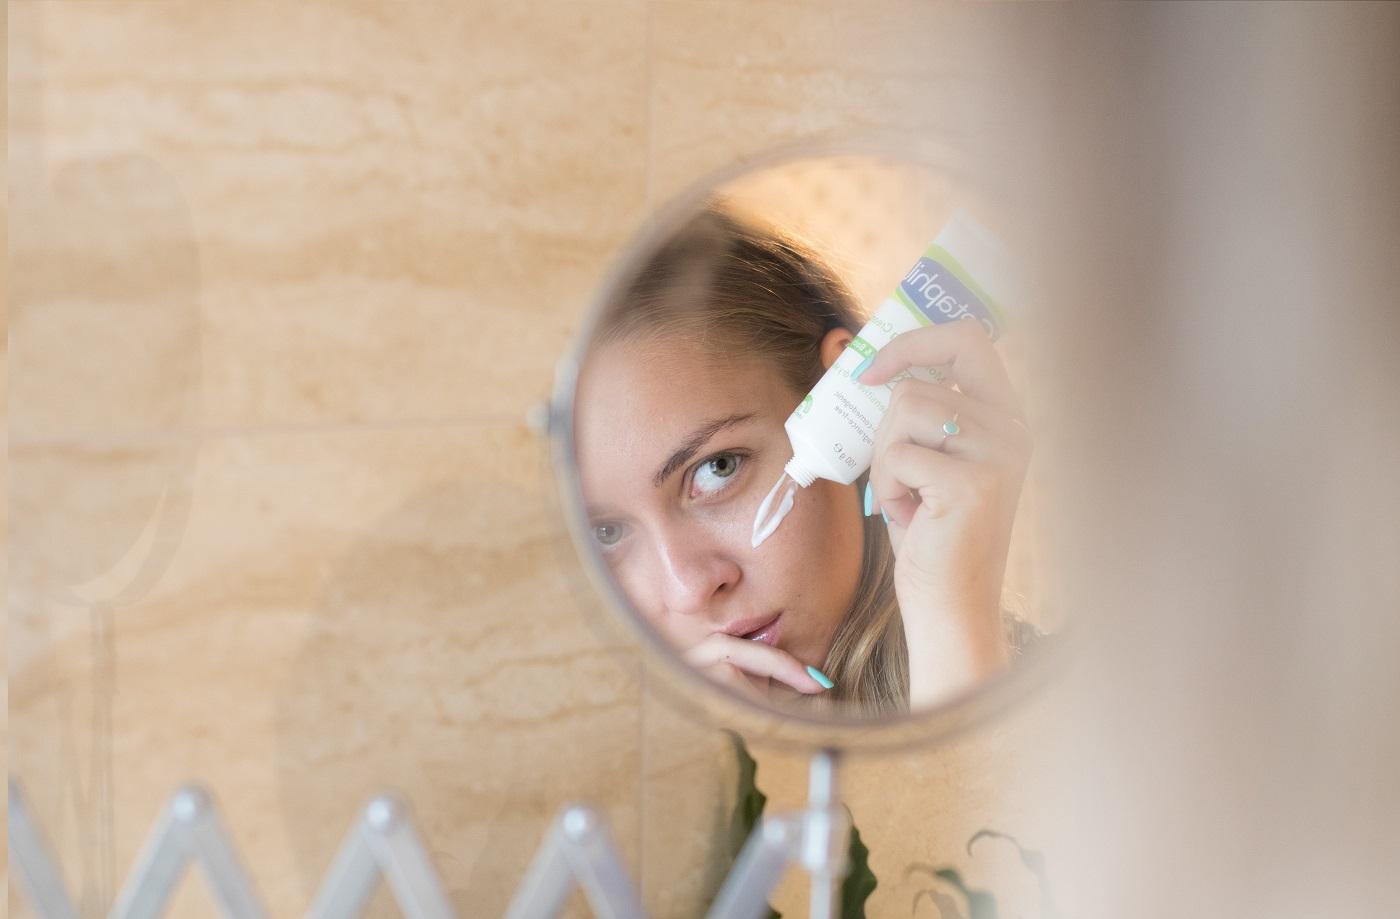 hogyan kezeljük a pikkelysömör fején otthon